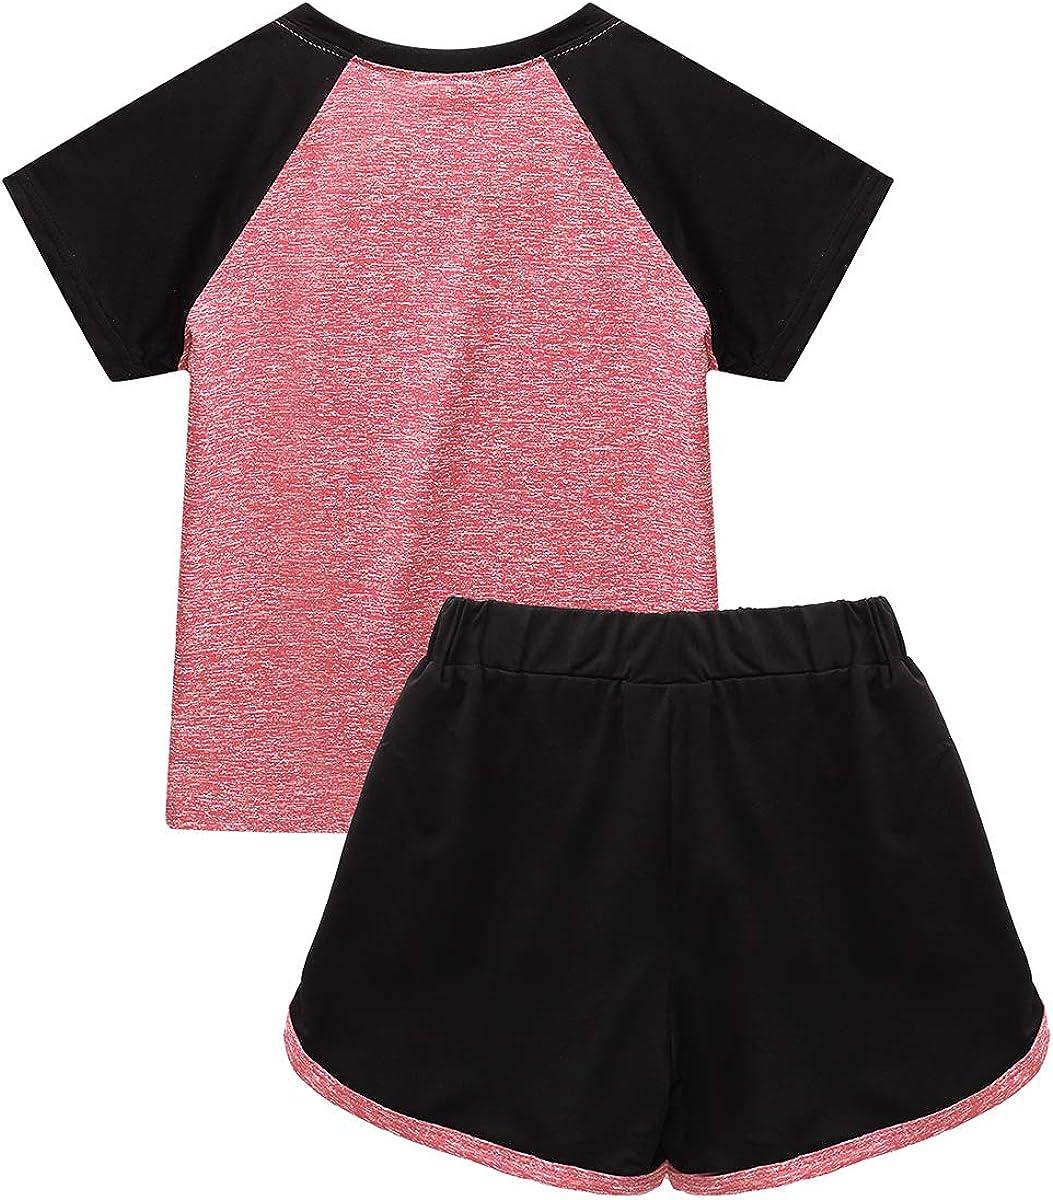 Trainingsanzug Schnelltrocknende Sport Outfits für Kinder Mädchen Jungen 110-152